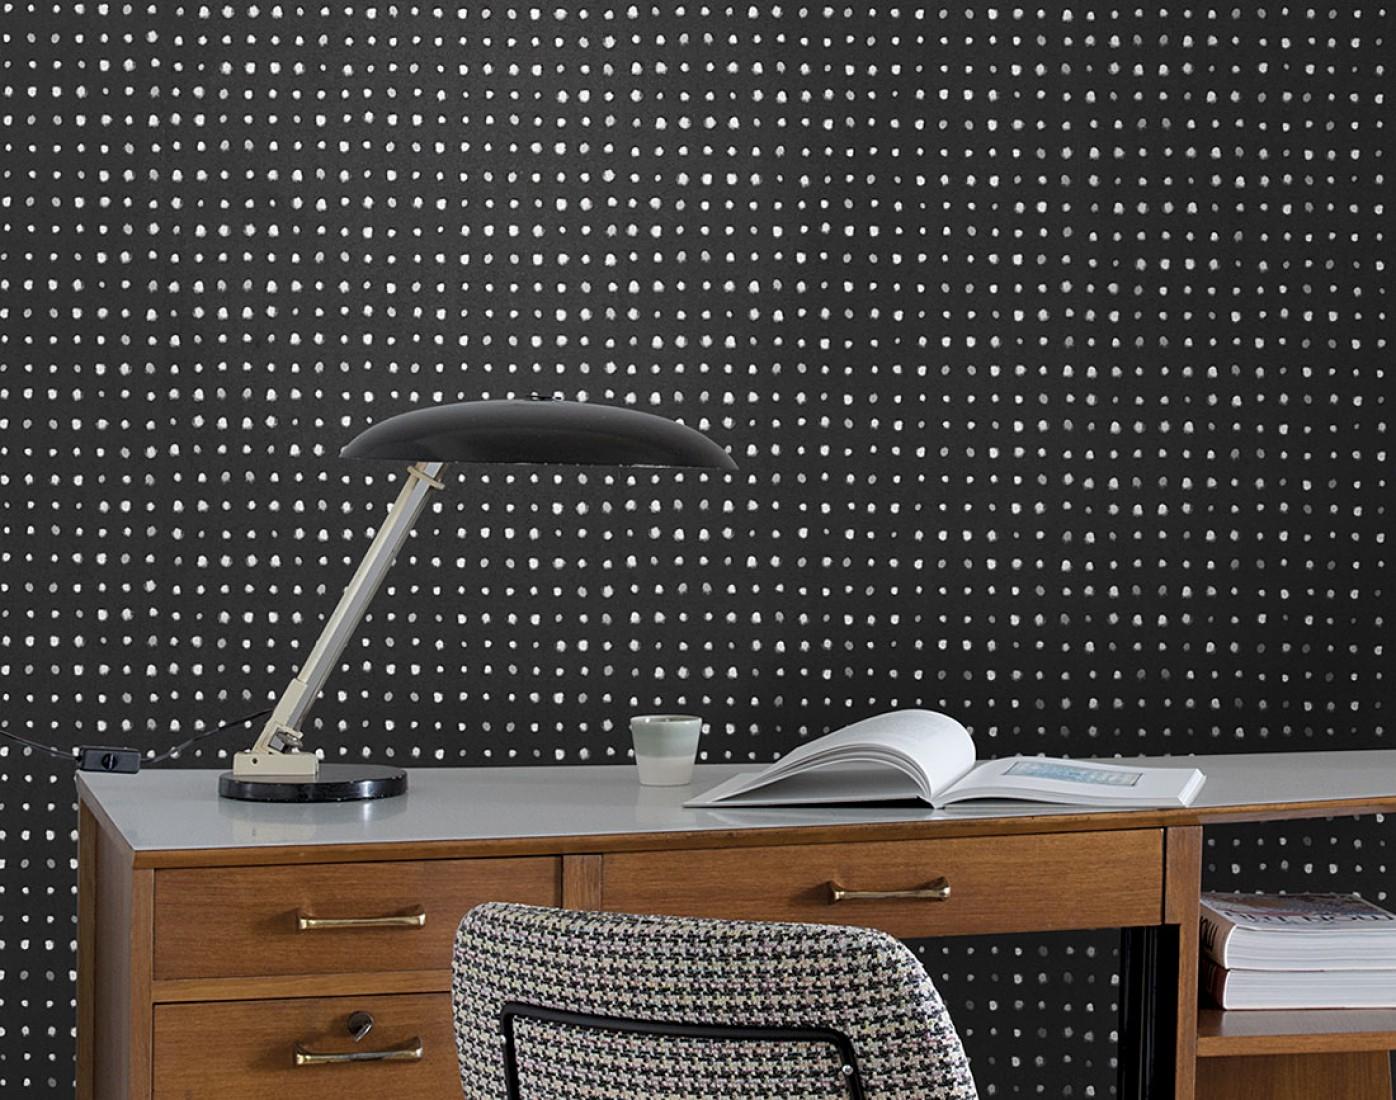 Papier Peint Géométrique Castorama Frais Photos Papier Peint Imitation Cuir Leroy Merlin Free Medium Size Papier